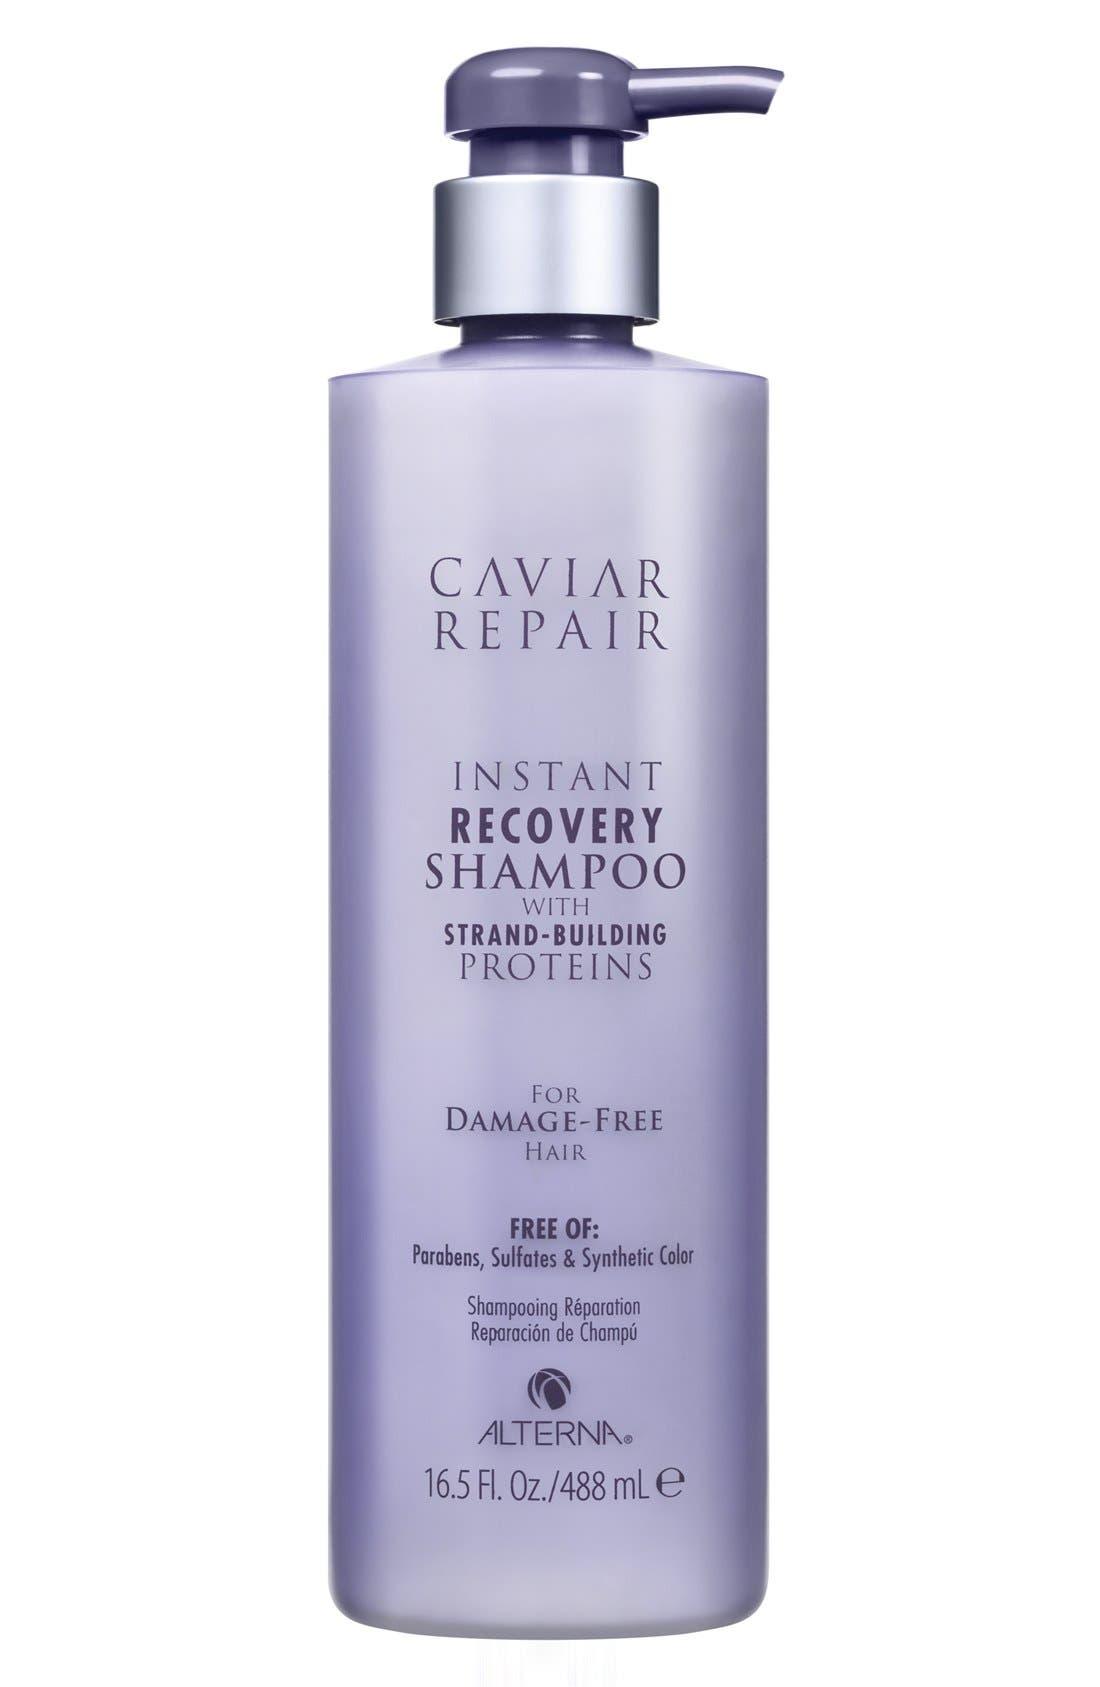 ALTERNA® Caviar Repair Instant Recovery Shampoo